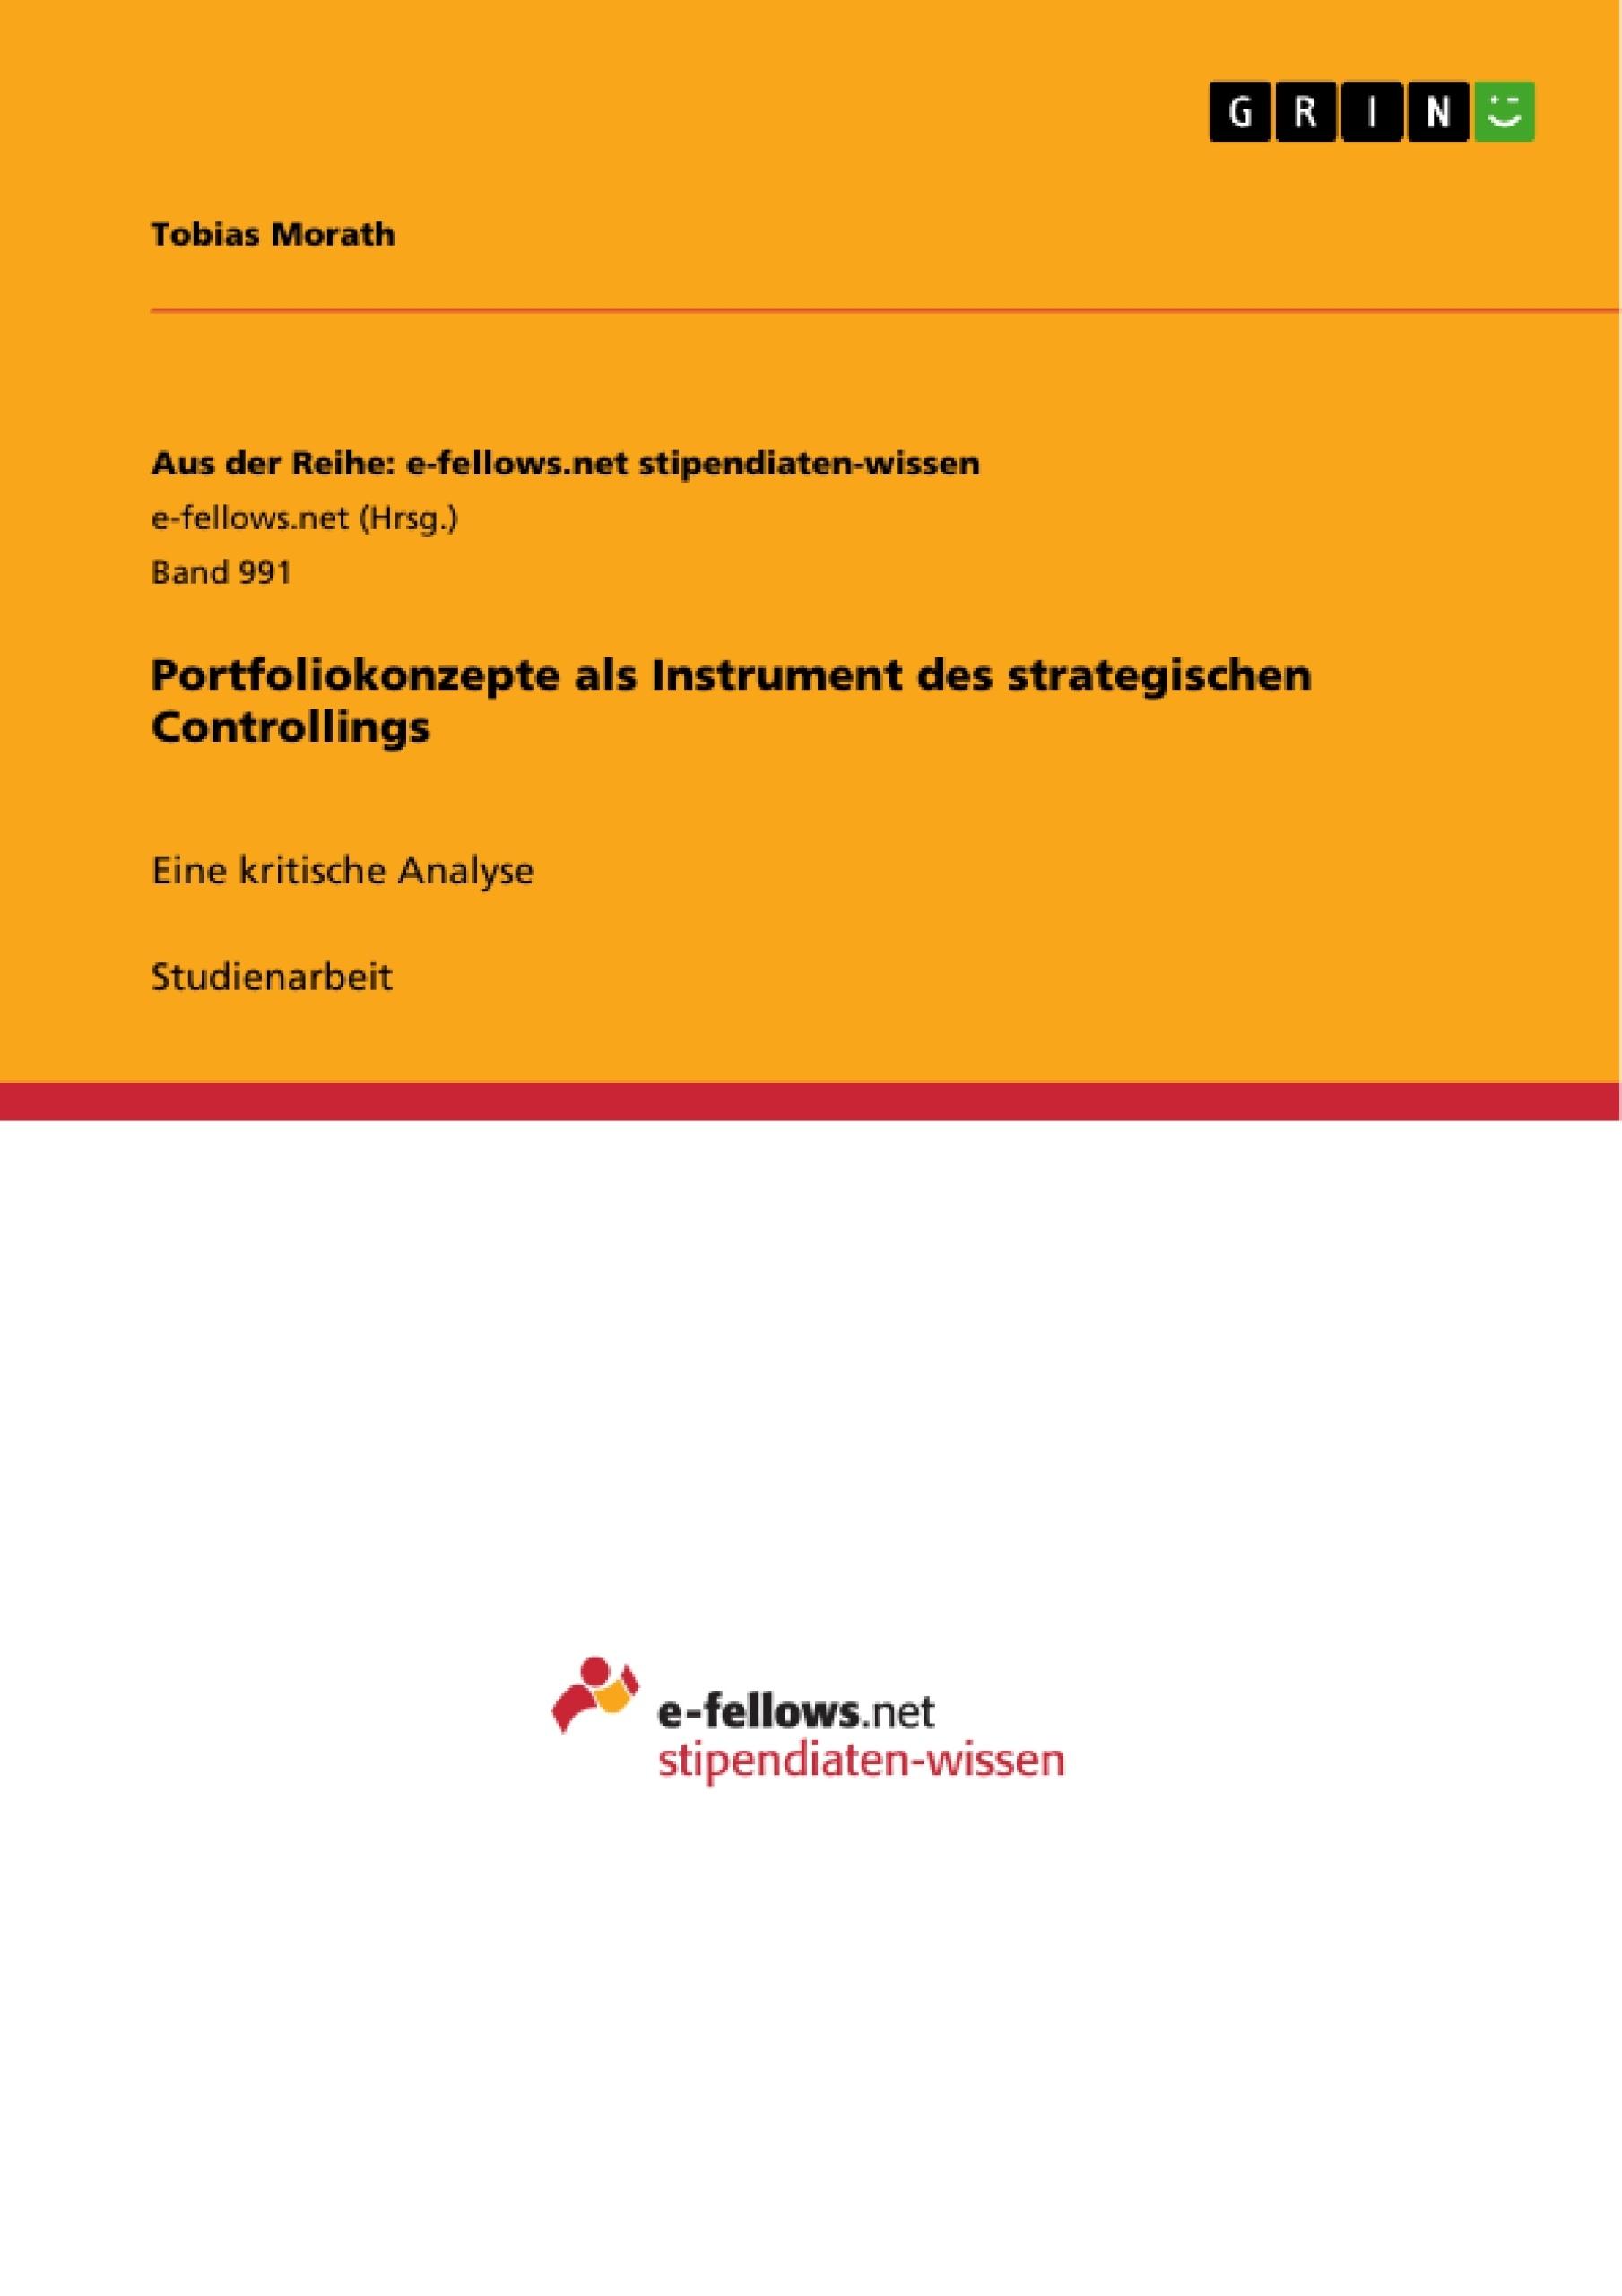 Titel: Portfoliokonzepte als Instrument des strategischen Controllings